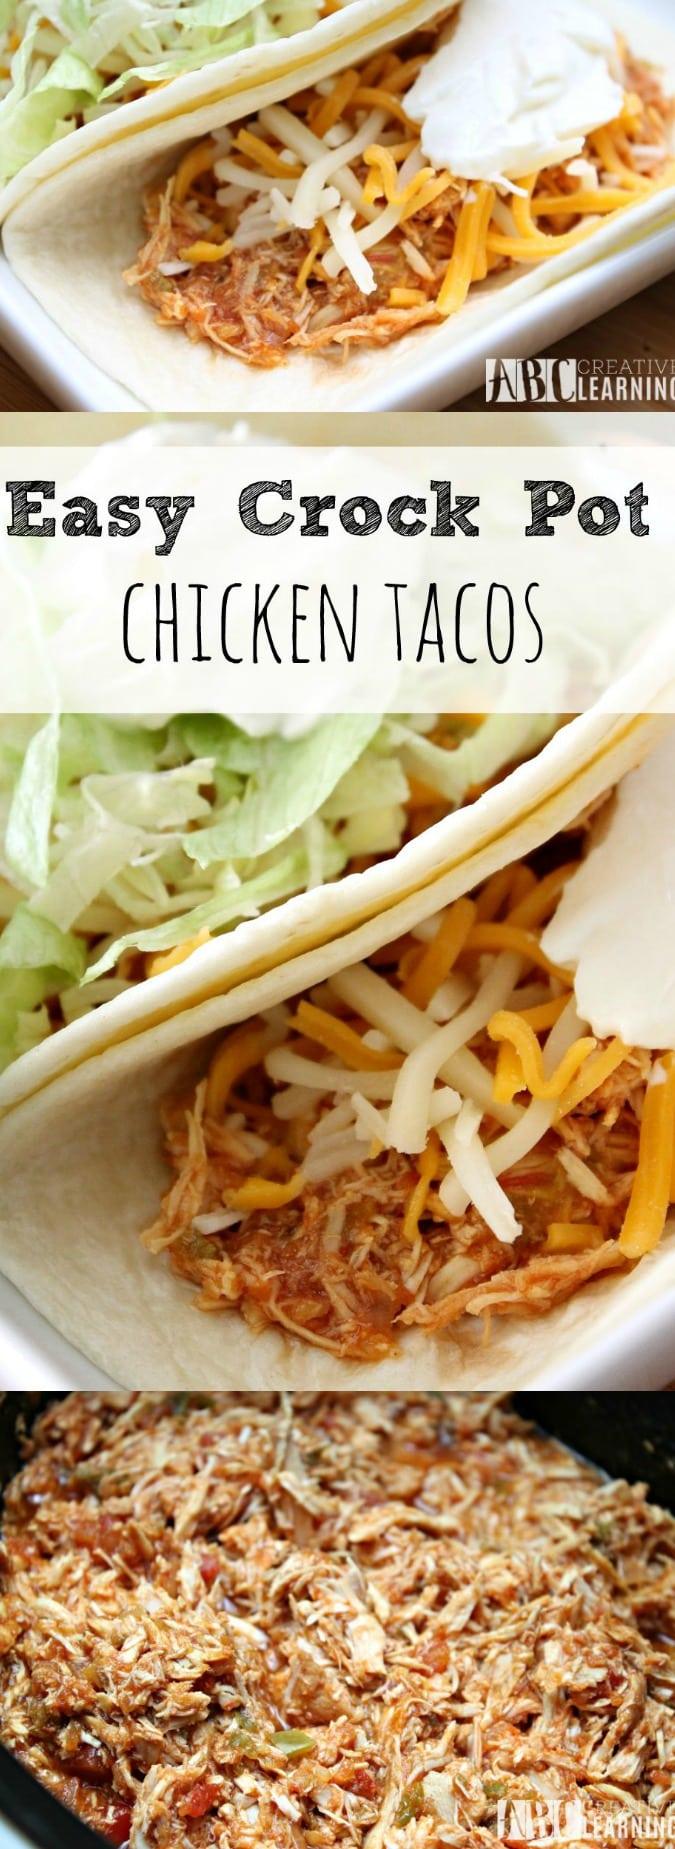 Easy Crock Pot Chicken Tacos